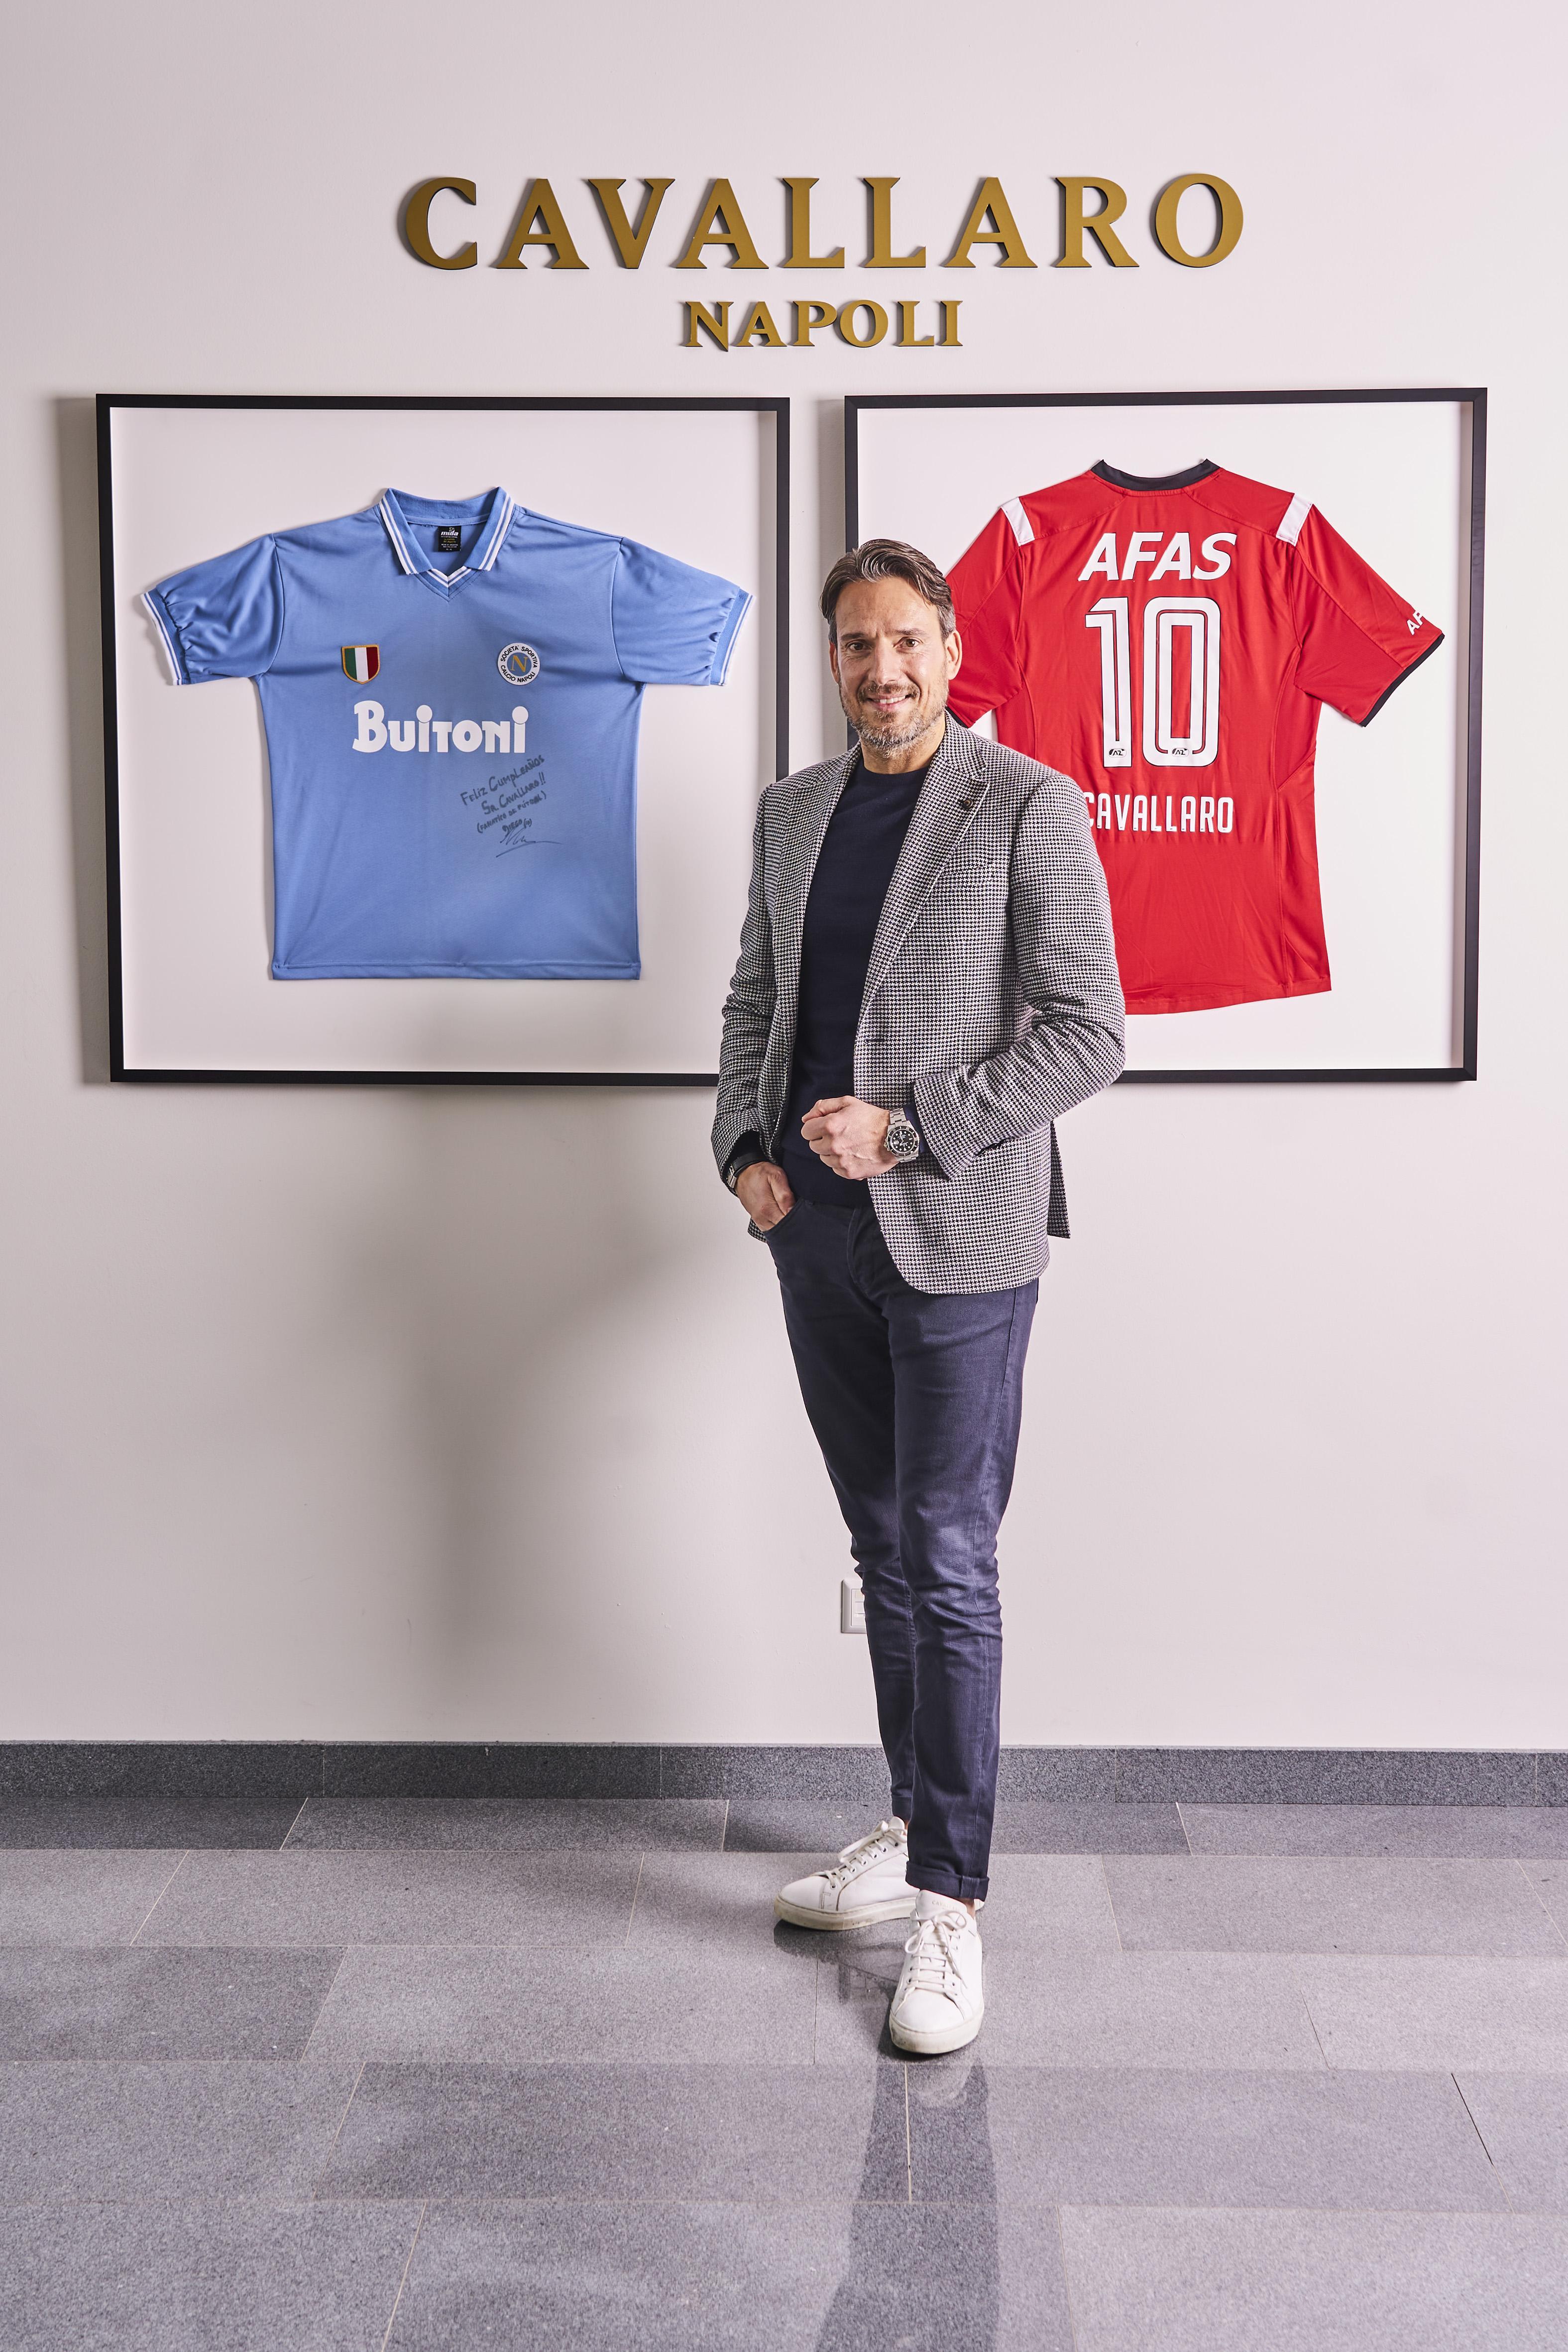 Eigenaar van Haarlems modehuis Cavallaro, Giuseppe Cavallaro, is kledingsponsor van AZ en fan van Napoli. 'Het eerste kledingatelier waar ik mee werkte huist in Napels'